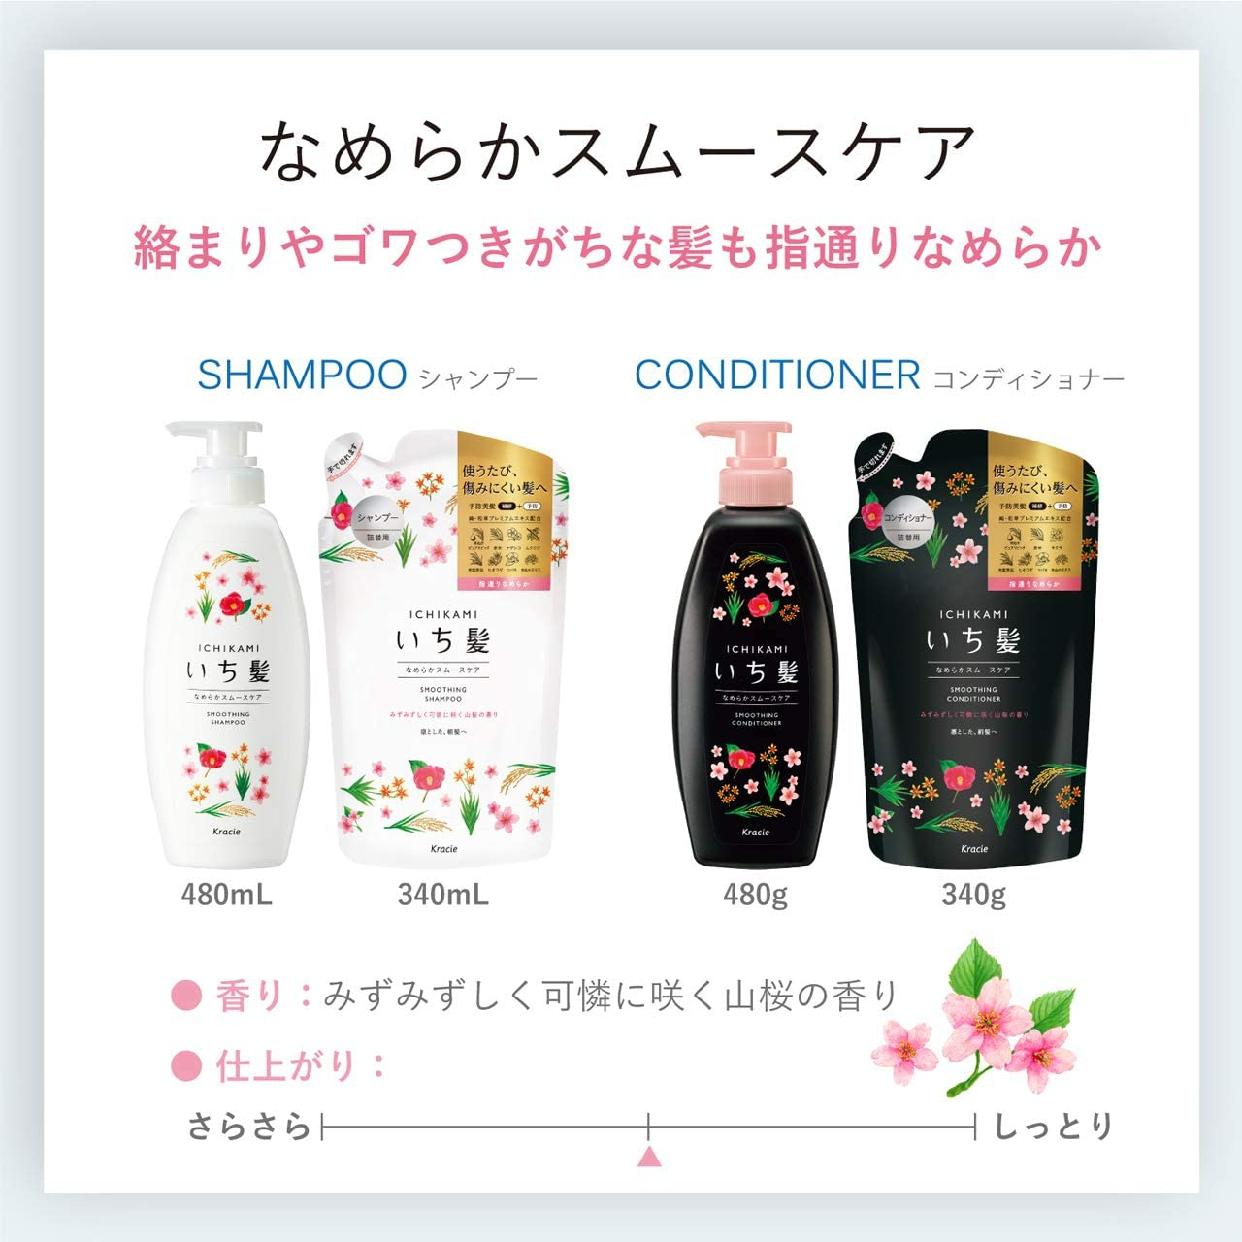 いち髪(ICHIKAMI) なめらか スムースケアシャンプーの商品画像10